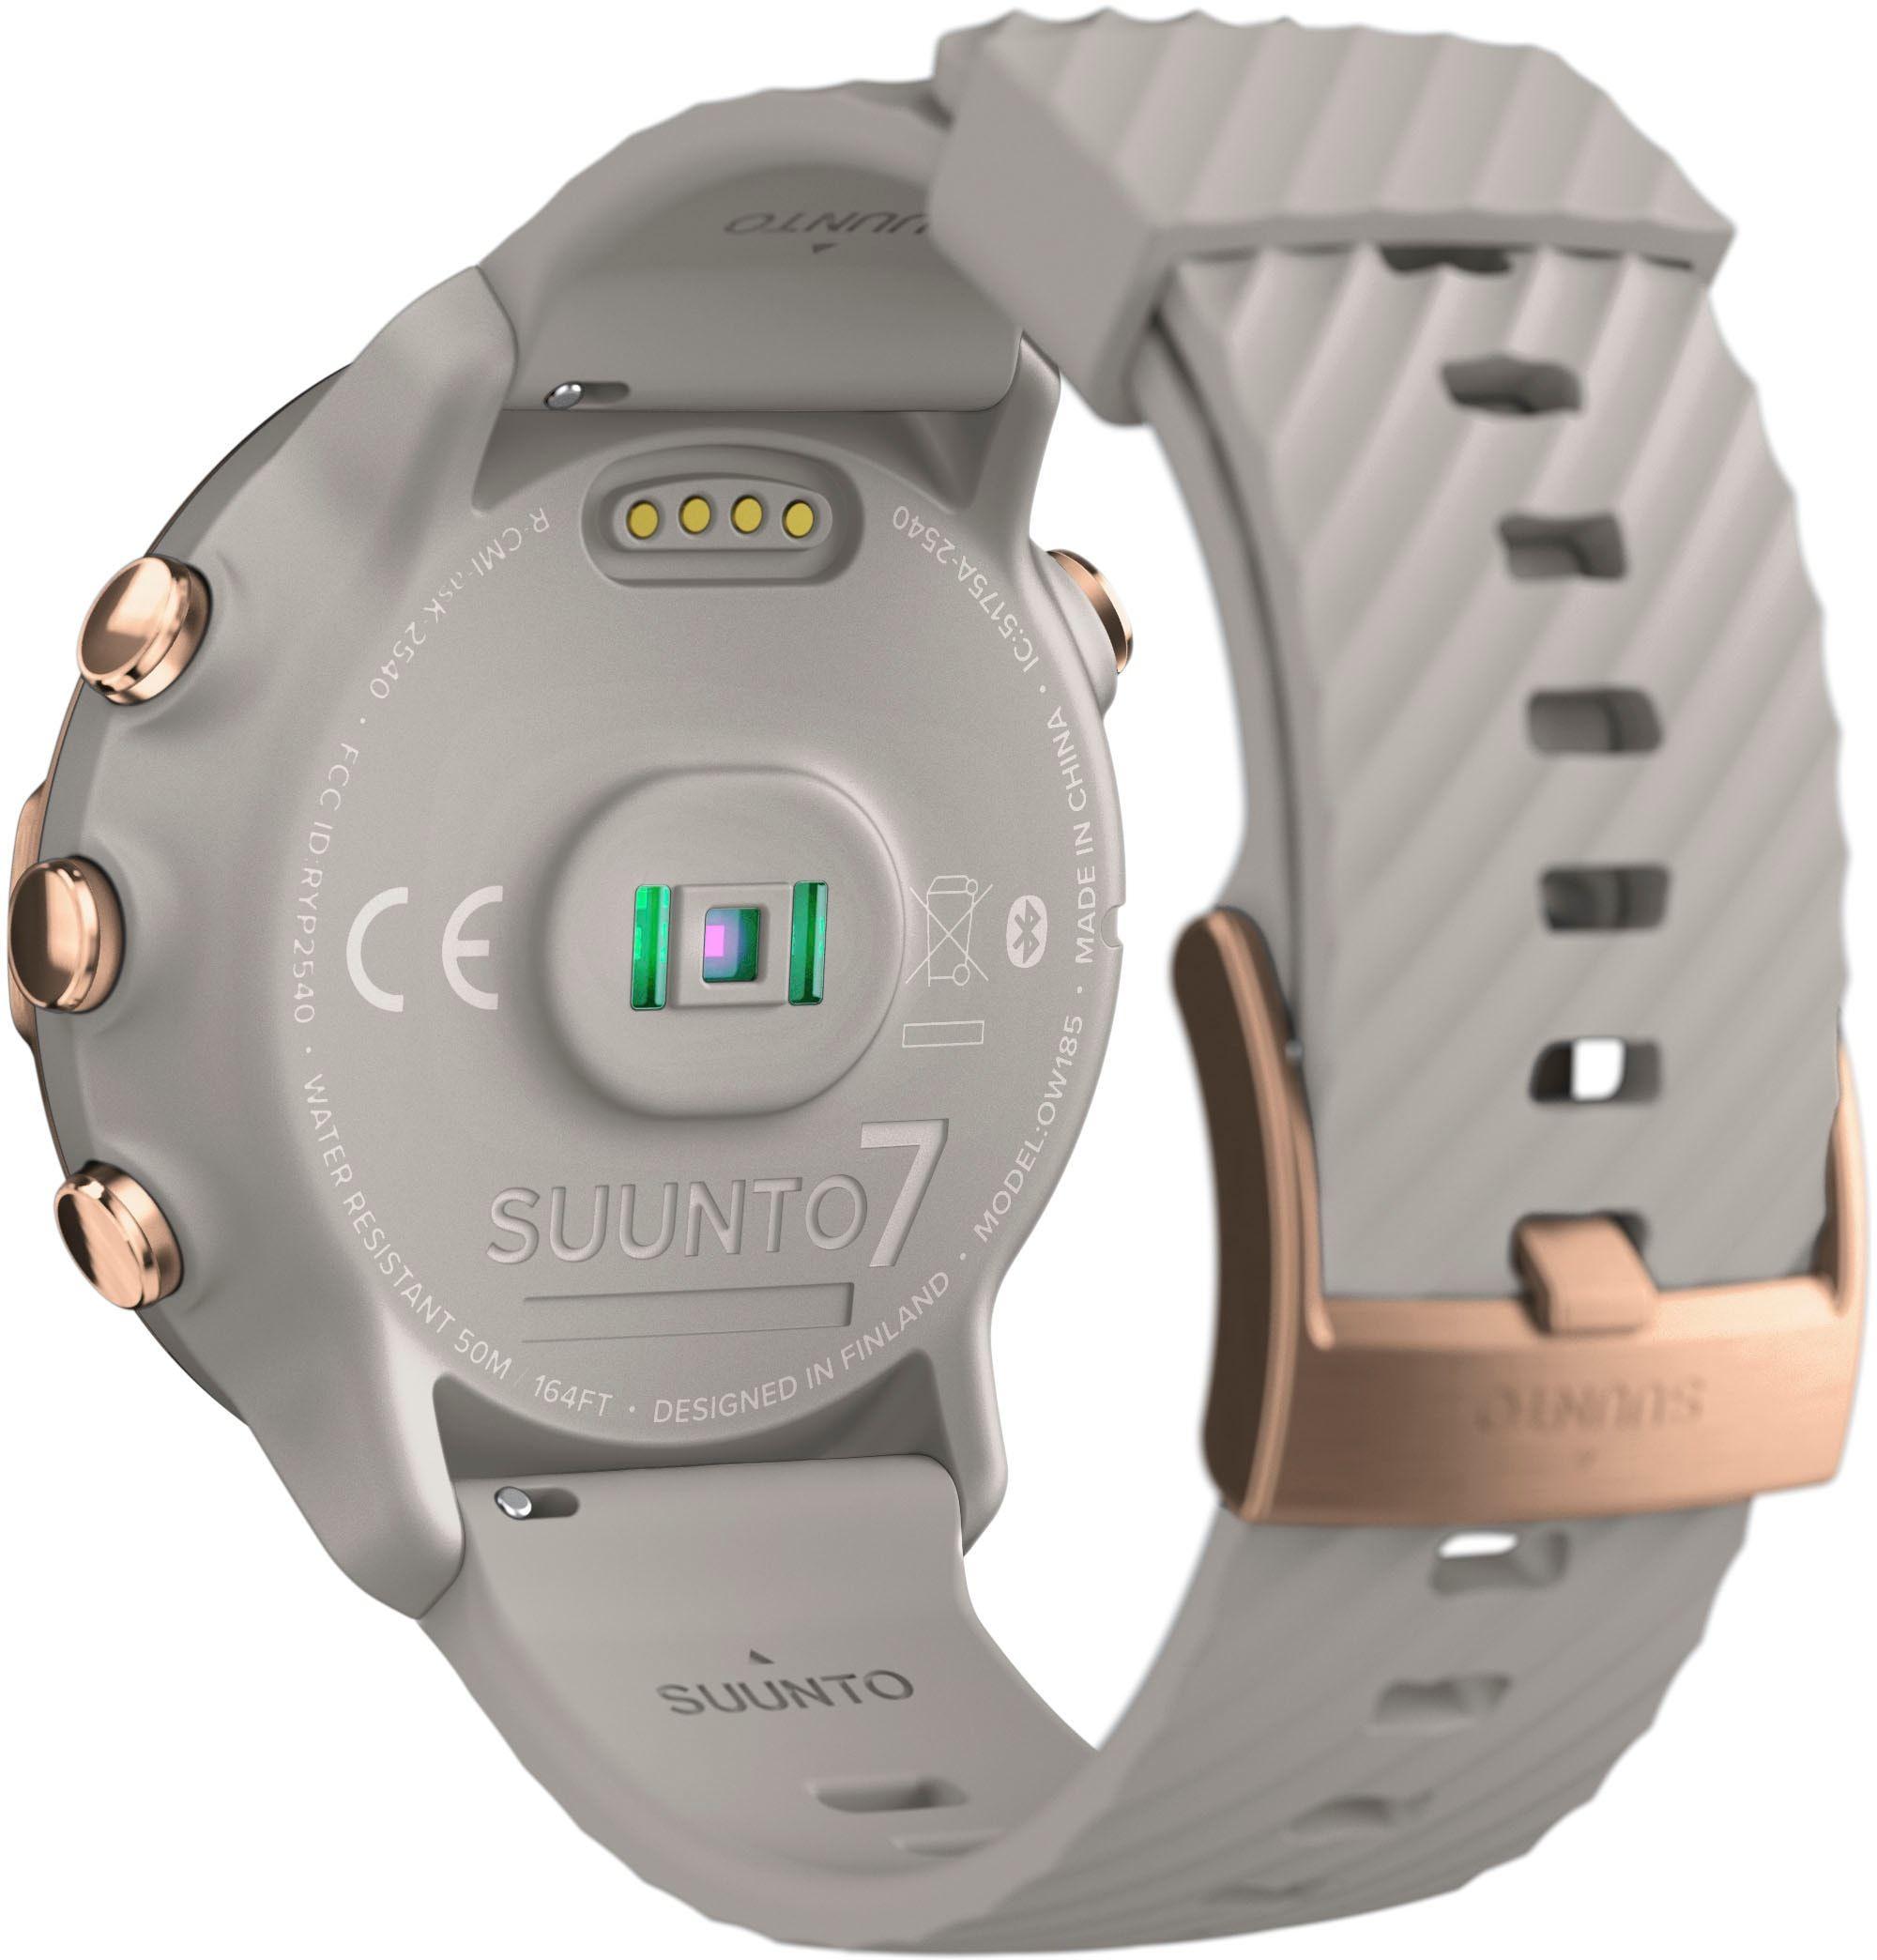 >>Farbe<< Farbe= sand, roségold, >>Bildschirm<< Bildschirmfarbe= farbig, Bildschirmtechnologie= AMOLED, Bildschirmbedienkomfort= Touch-Display, Bildschirmauflösung in Pixel= 454 x 454 px, Bildschirmhelligkeit= 1000 cd/m², >>Funktionen<< Sensoren= Herzfrequenzsensor, Kompass (Magnetometer), Schrittzähler, Sensorfunktionen= Herzfrequenzmessung, Schrittmessung, Benachrichtigungen= Anruf-Benachrichtigung, Benachrichtigungsart= per Vibration, Bedienelemente= Touch-Display, Bedienknopf, Multimediafunk